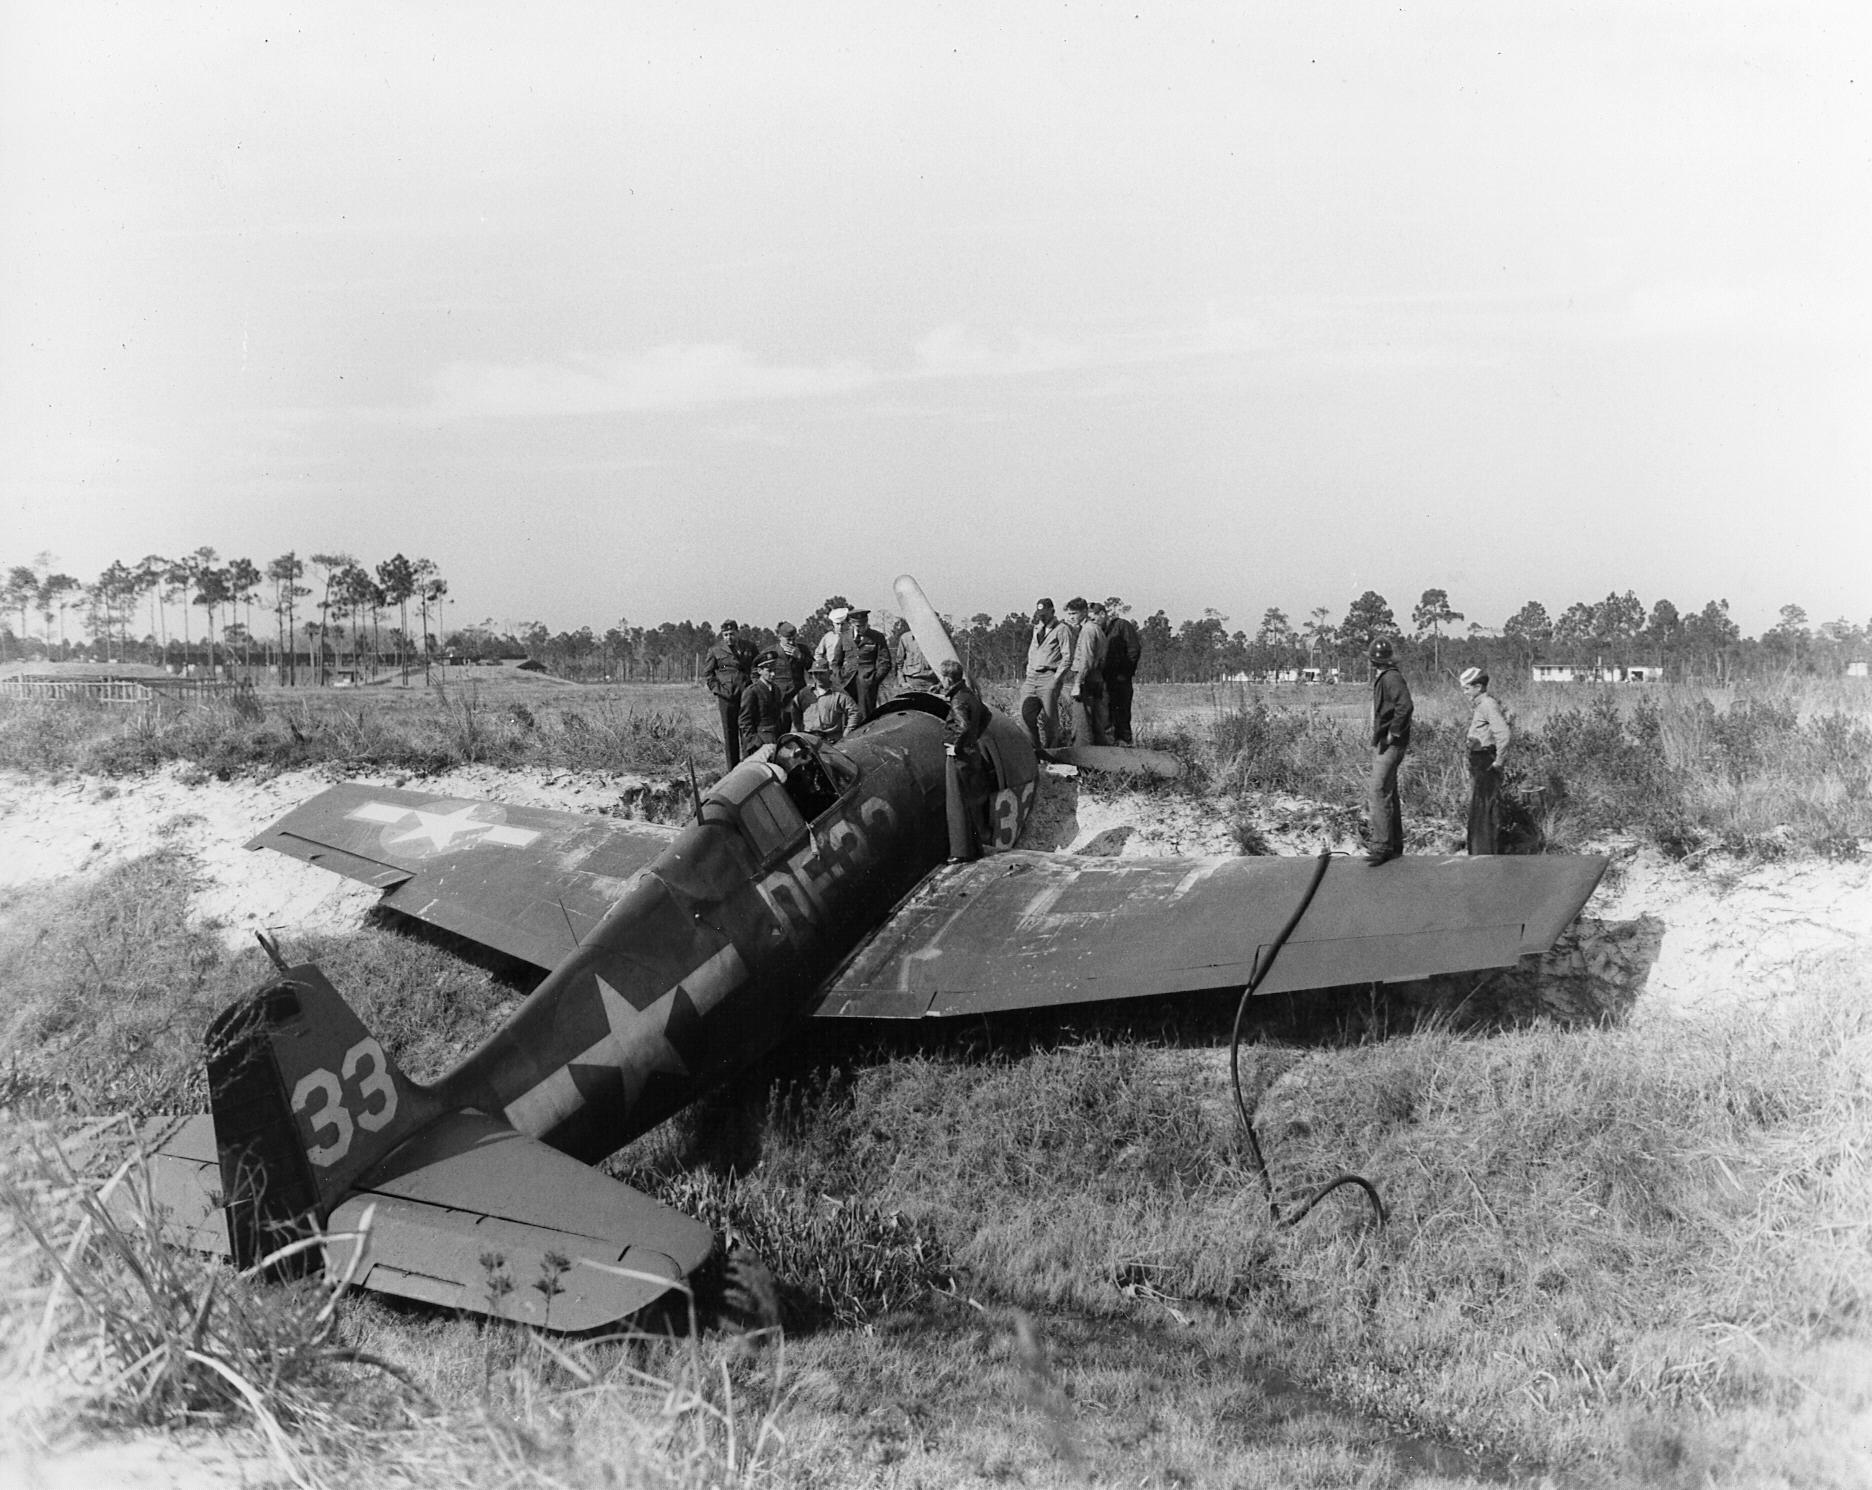 Grumman F6F 5 Hellcat VFN 1 White DF33 OTU crashed at NAS Daytona Beach FL 01